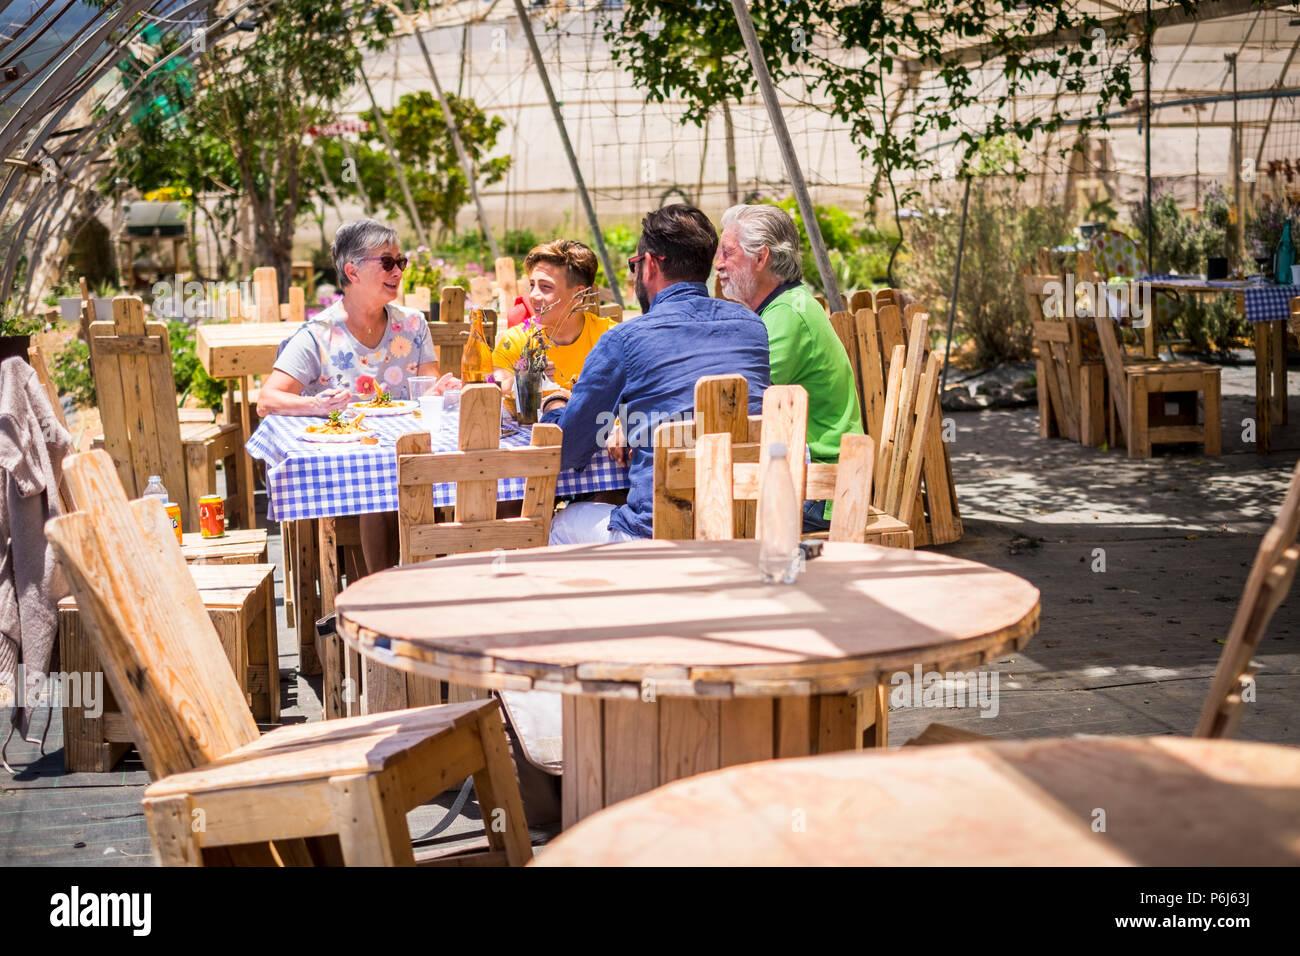 Almuerzo junto a la familia natural exterior pintoresco lugar con muchos muebles de madera reciclada con palets. Disfrute de actividades de ocio y sonrisa de Cauca Imagen De Stock